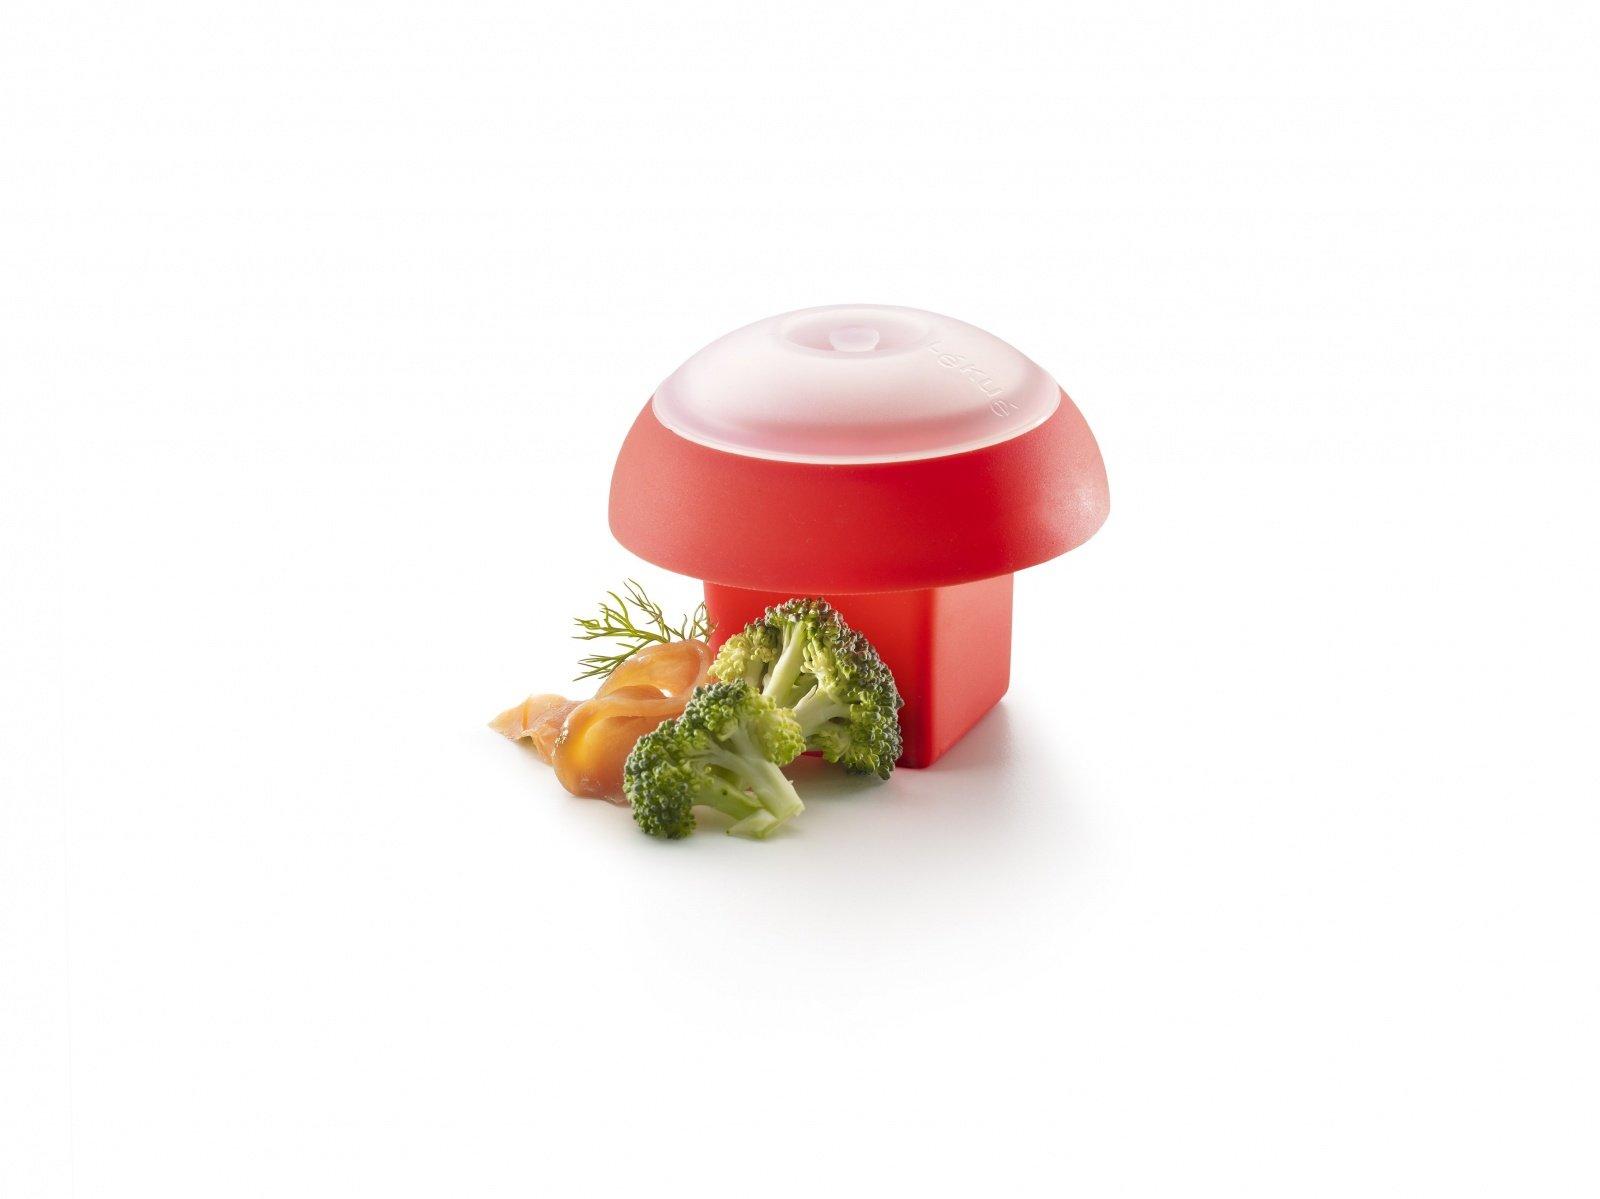 Яйцо-минутка Lekue, квадратная форма, красная